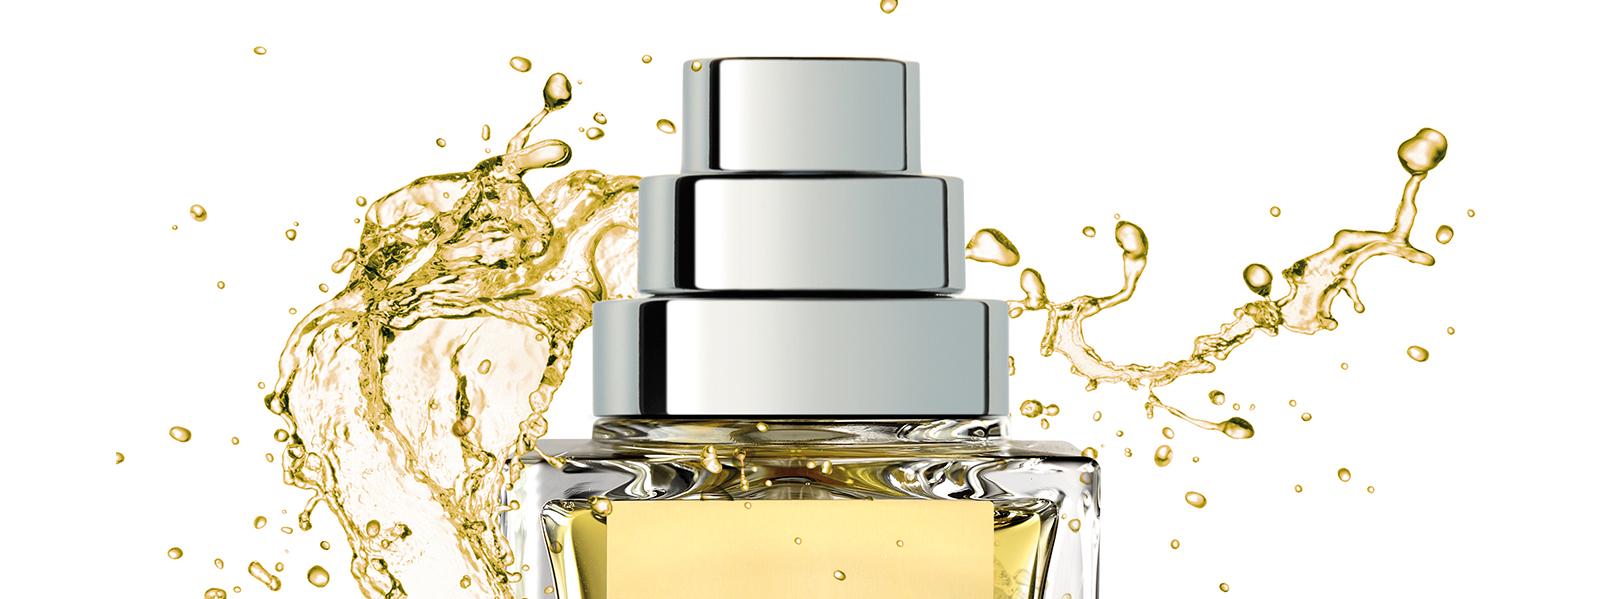 Bienvenue la parfumerie taizo cannes - Maison de la parfumerie ...